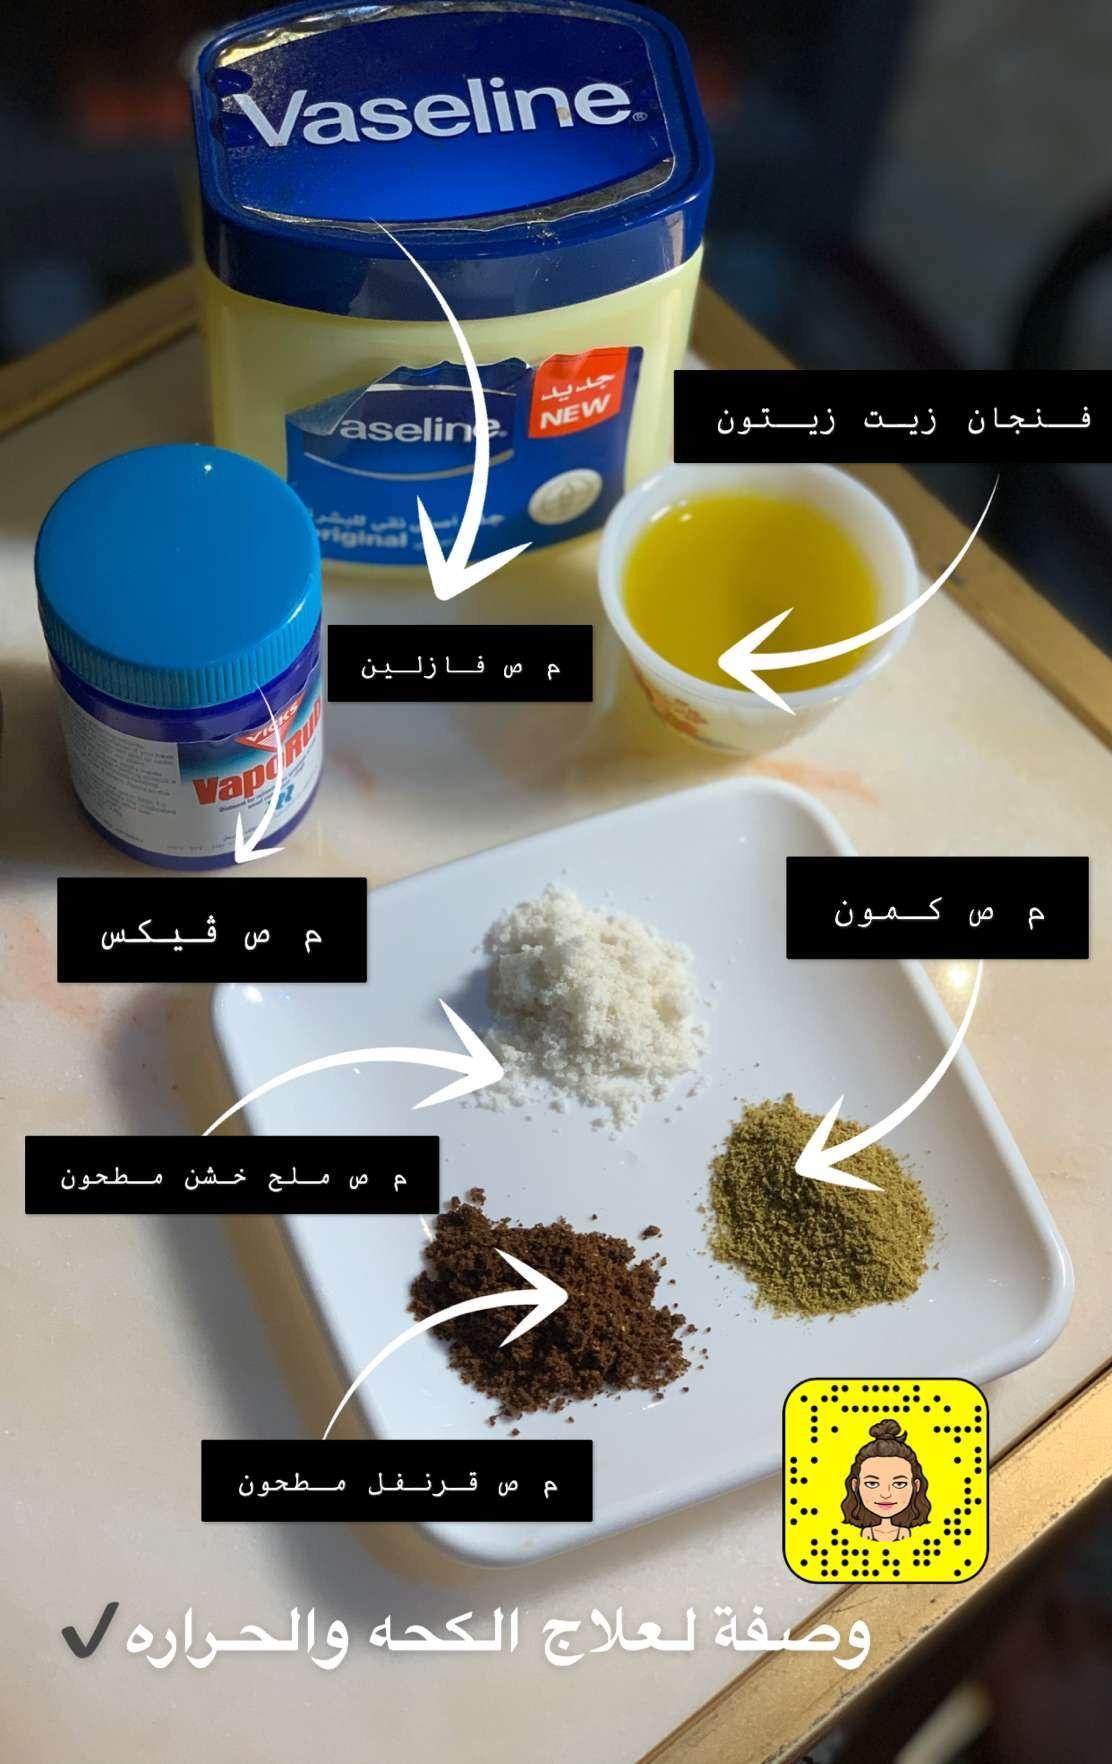 كحه و حراره Food Condiments Vaseline